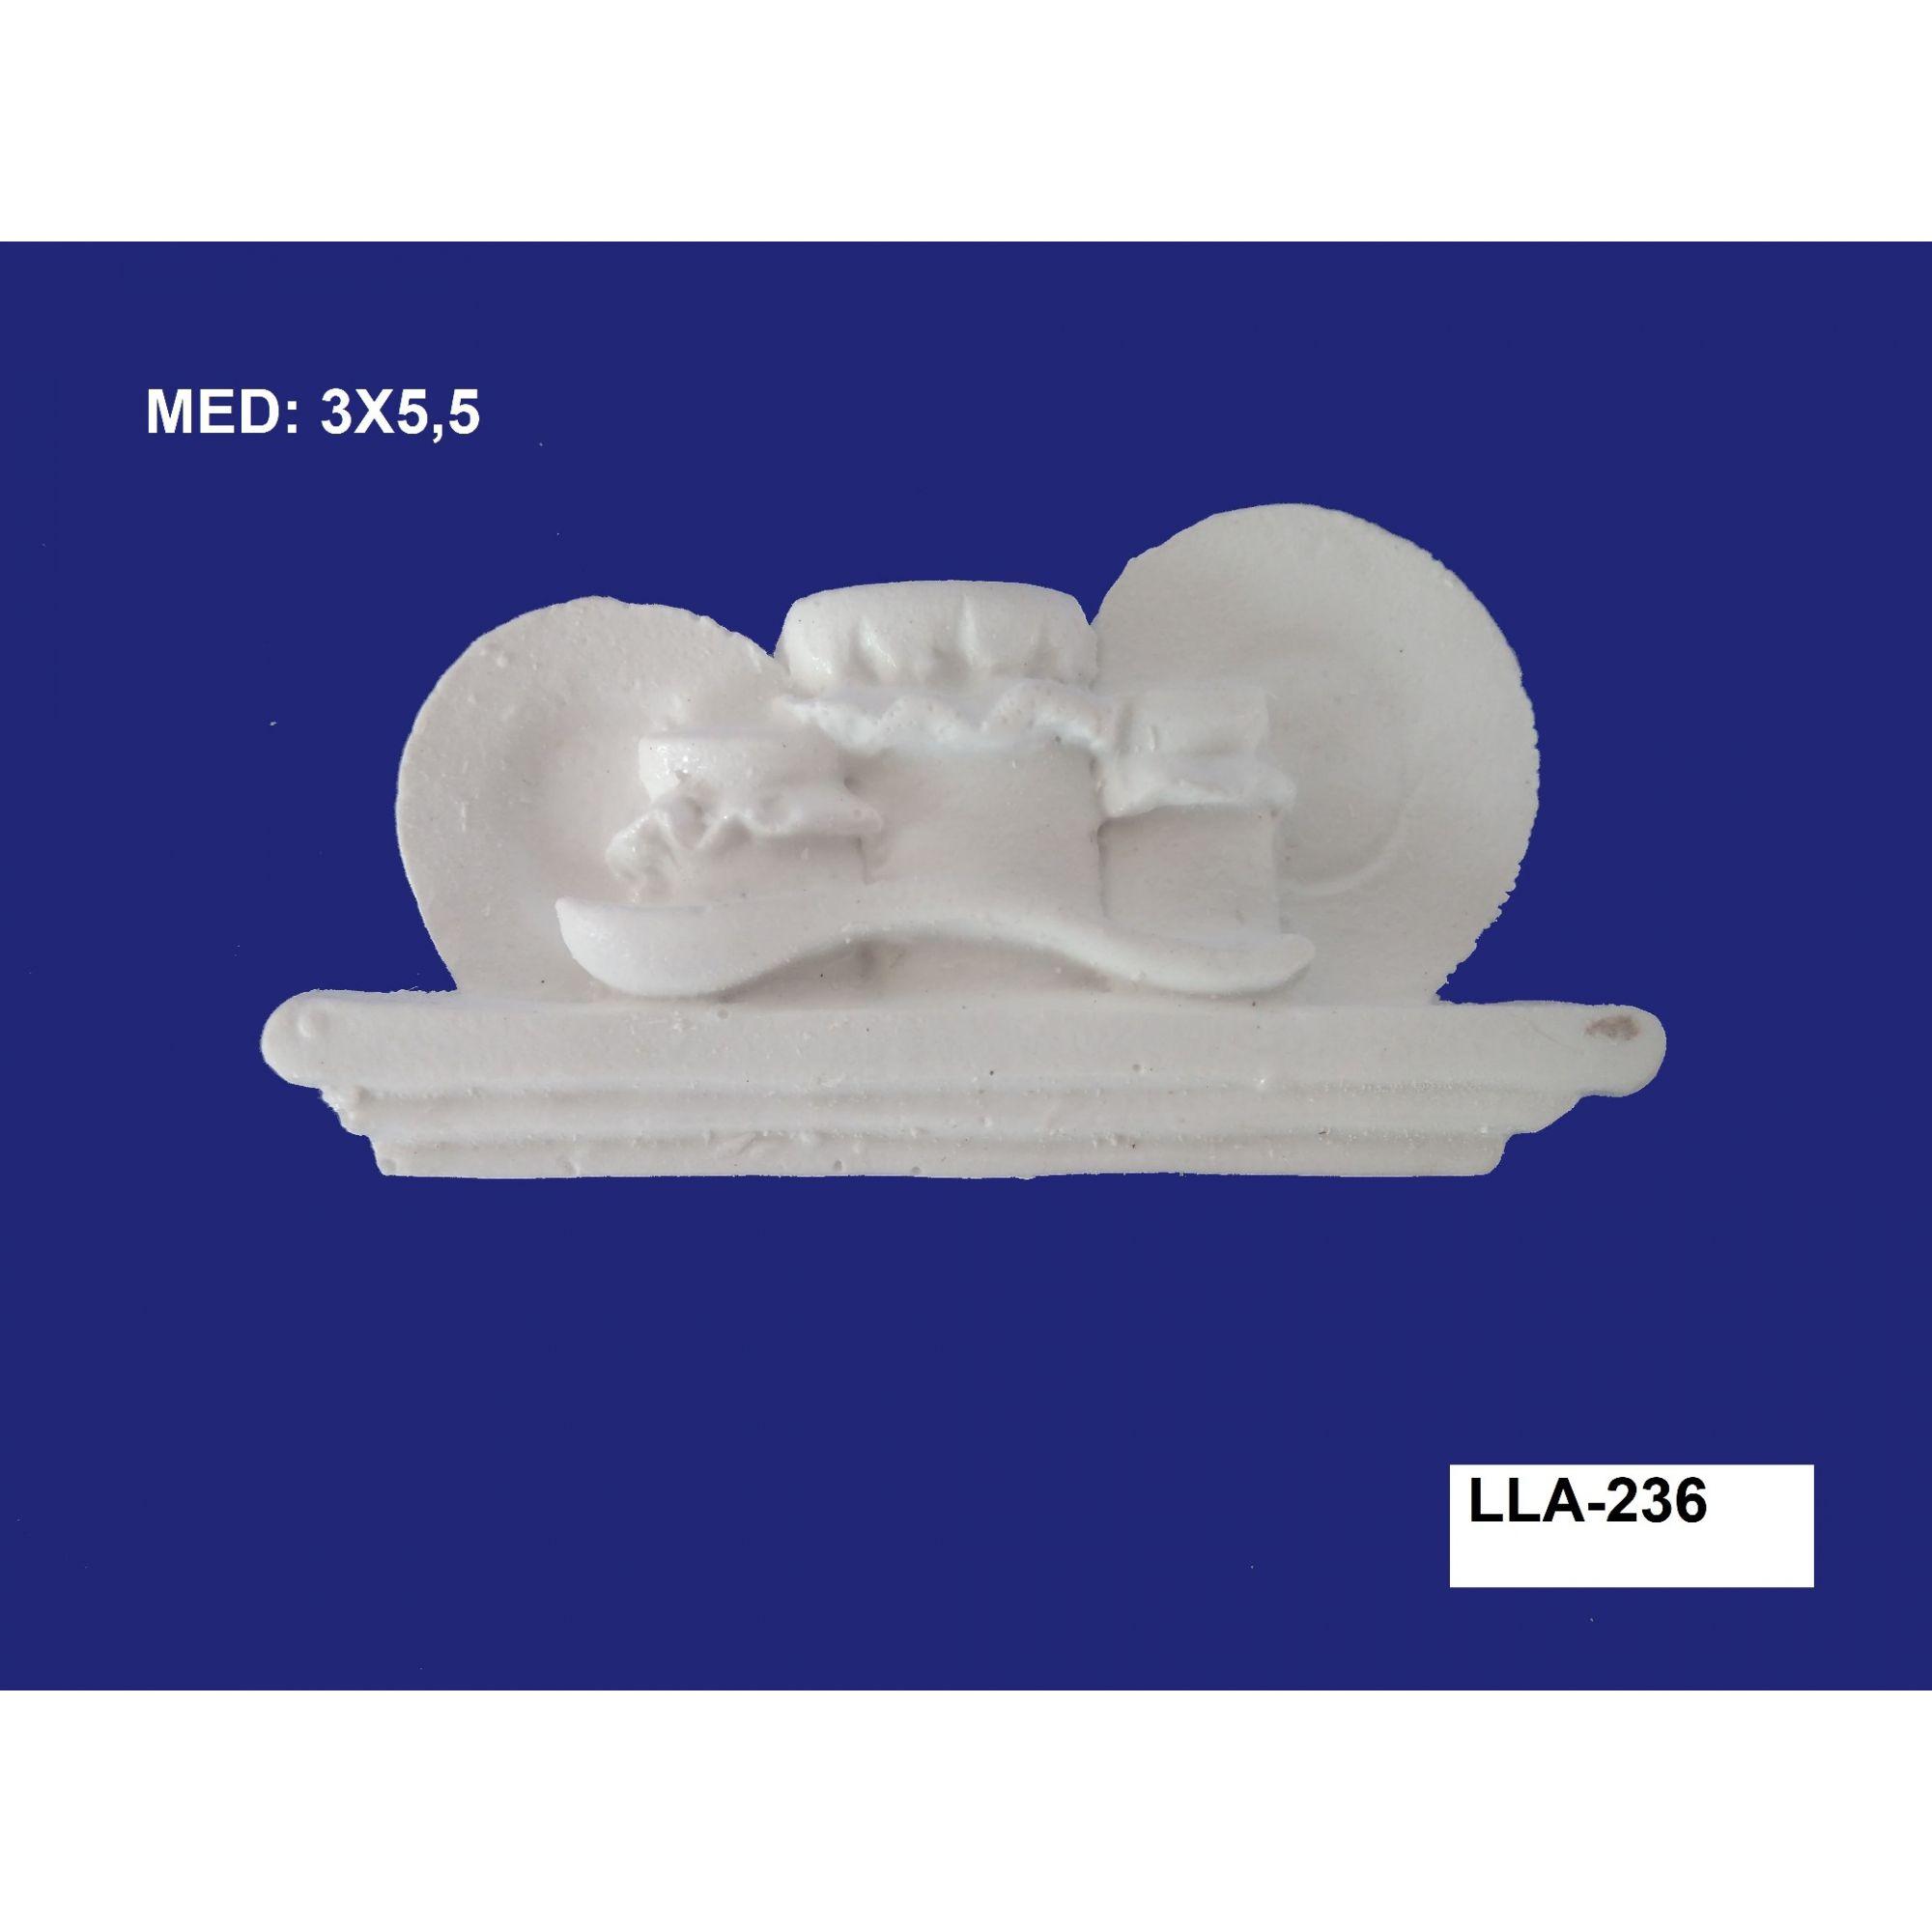 LLA-236 APLIQUE COZINHA 03X5,5CM